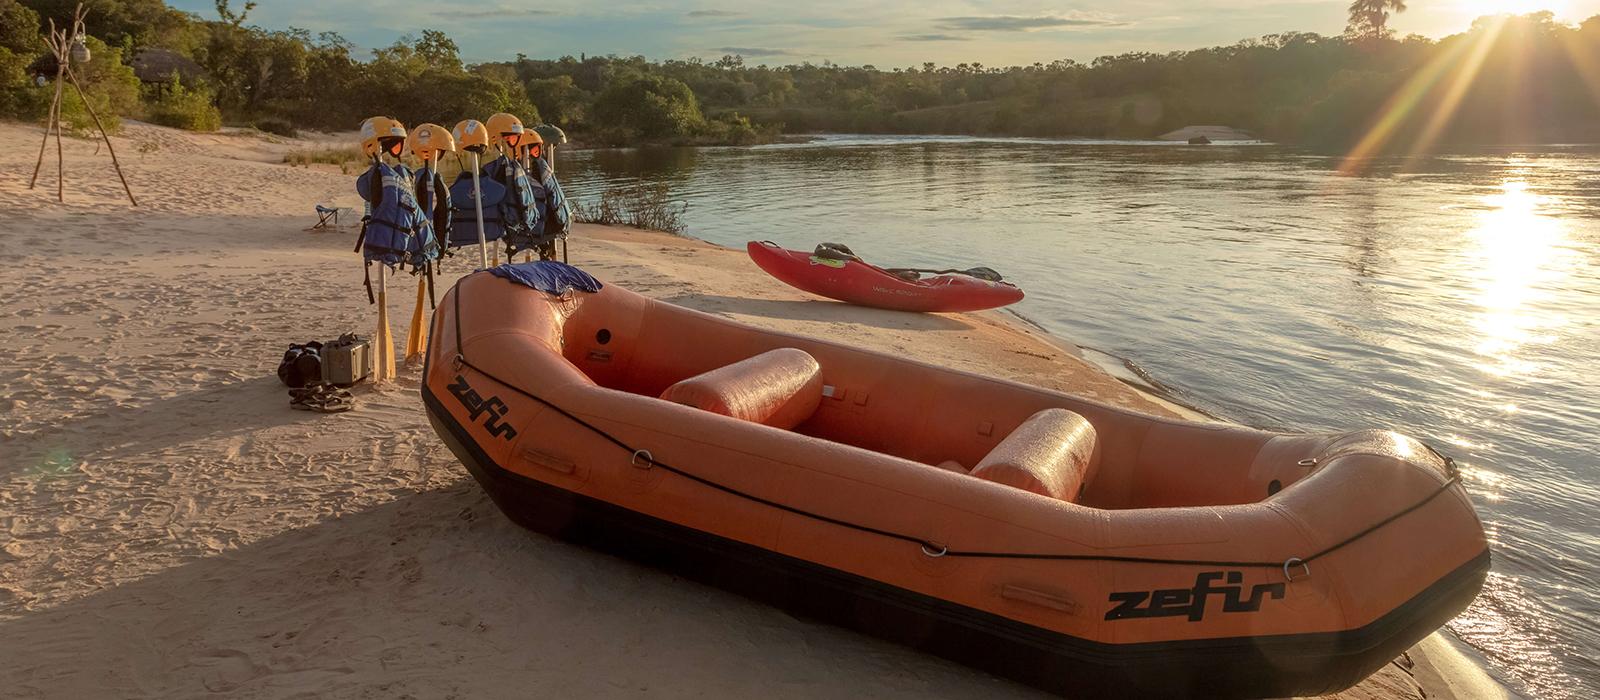 rafting-expresso-da-velha-rio-novo-1600x700